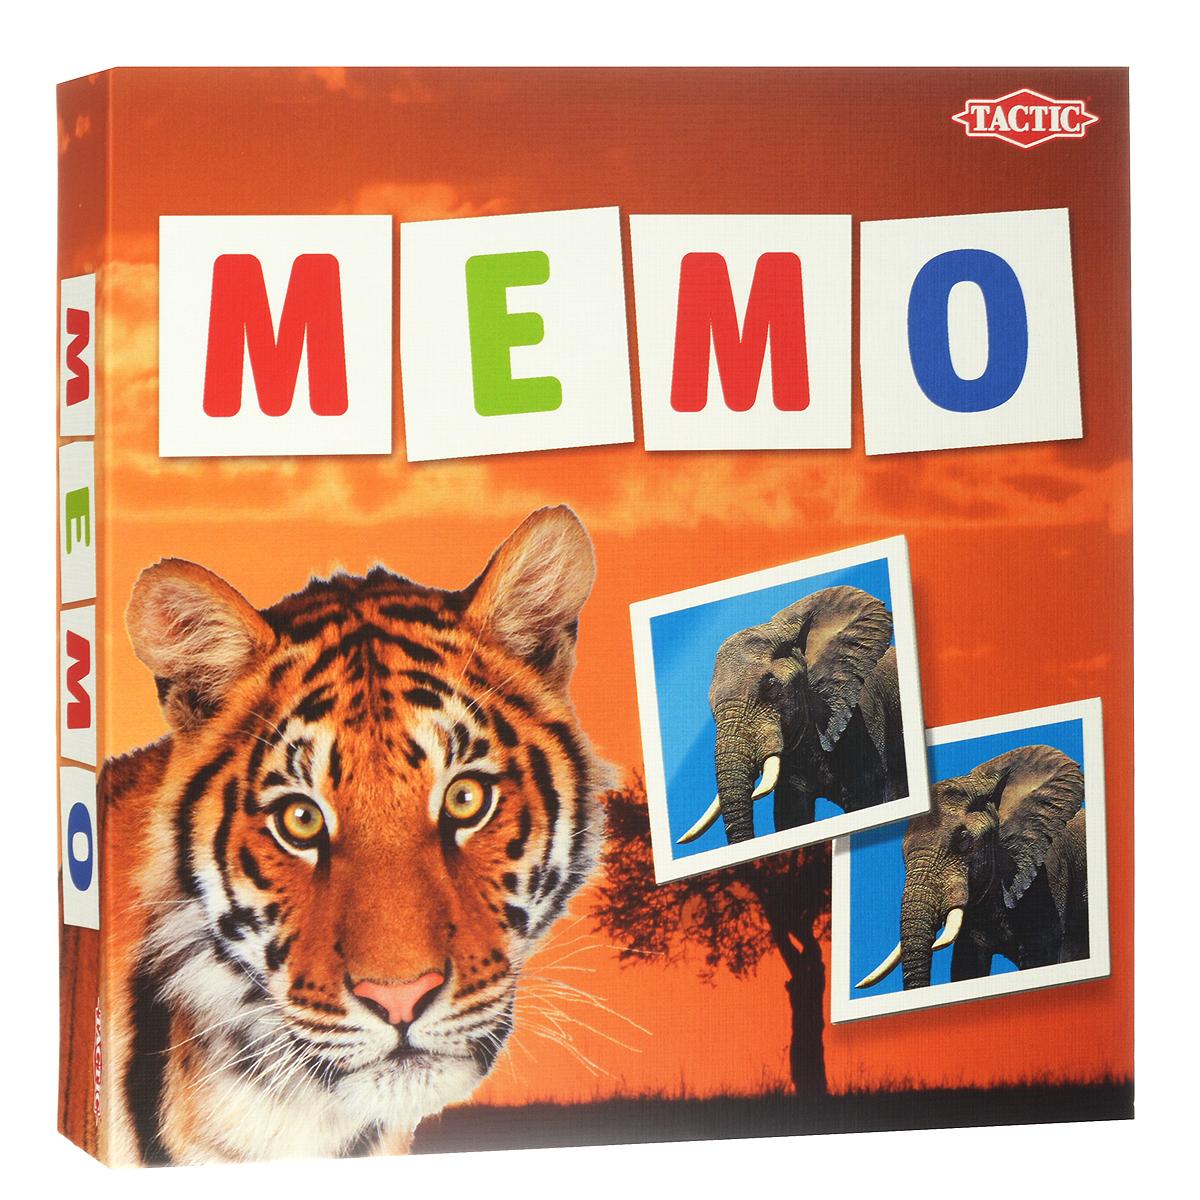 Настольная игра Tactic Games Мемо. Дикие животные41441Настольная игра Мемо. Дикие животные от Tactic Games понравится любознательным малышам, ведь она познакомит их с различными дикими животными. Красочные карточки с картинками можно просто рассматривать, изучать разнообразие животного мира. А можно сразиться с соперником на скорость и наблюдательность. Игра заключается в открывании парных картинок. Для начала нужно положить на стол все карточки лицевой стороной вниз. Каждый игрок должен открывать только 2 карты за 1 ход. Если картинки на карточках совпали, то игроку можно сделать следующий ход, если нет - то очередь ходить теперь у следующего. Выигрывает тот игрок, который откроет наибольшее количество пар. В процессе игры малыши получат отличную тренировку памяти, внимания и наблюдательности. А соревновательный момент придаст игре оживление и скорость. Изучайте транспортные средства вместе с игрой Мемо. Дикие животные и получайте хорошее настроение! Возраст игроков: от 3 лет и старше. Количество...